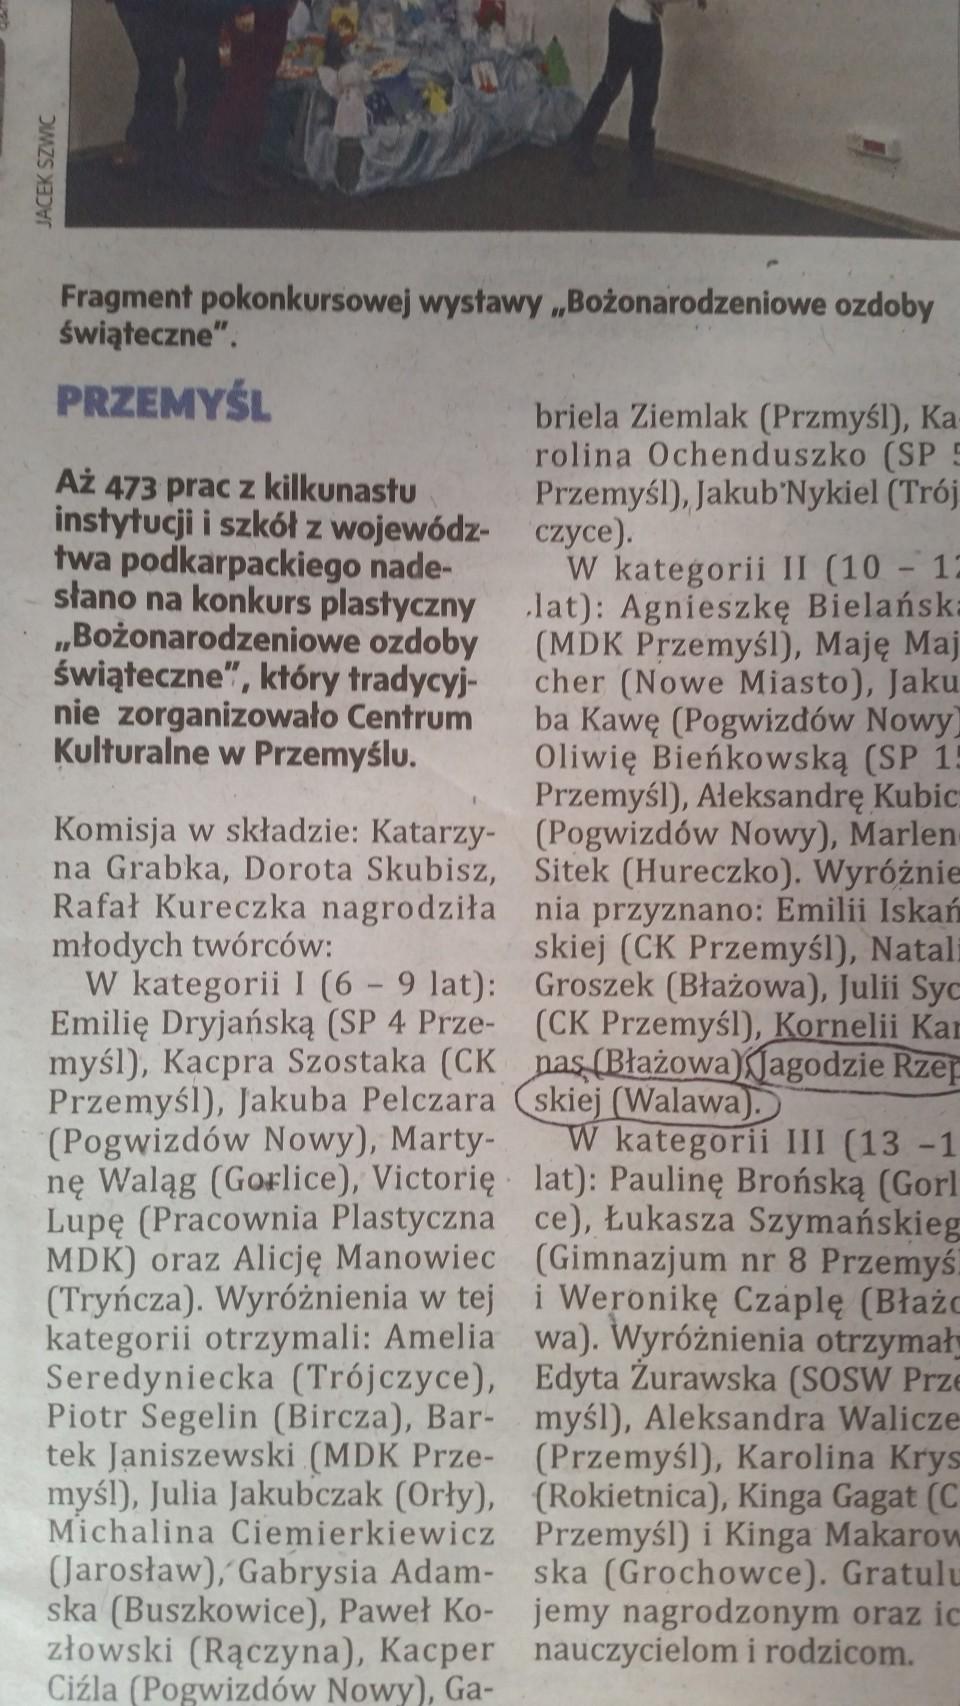 Wyróżnienie dla Jagody Rzepskiej w konkursie plastycznym